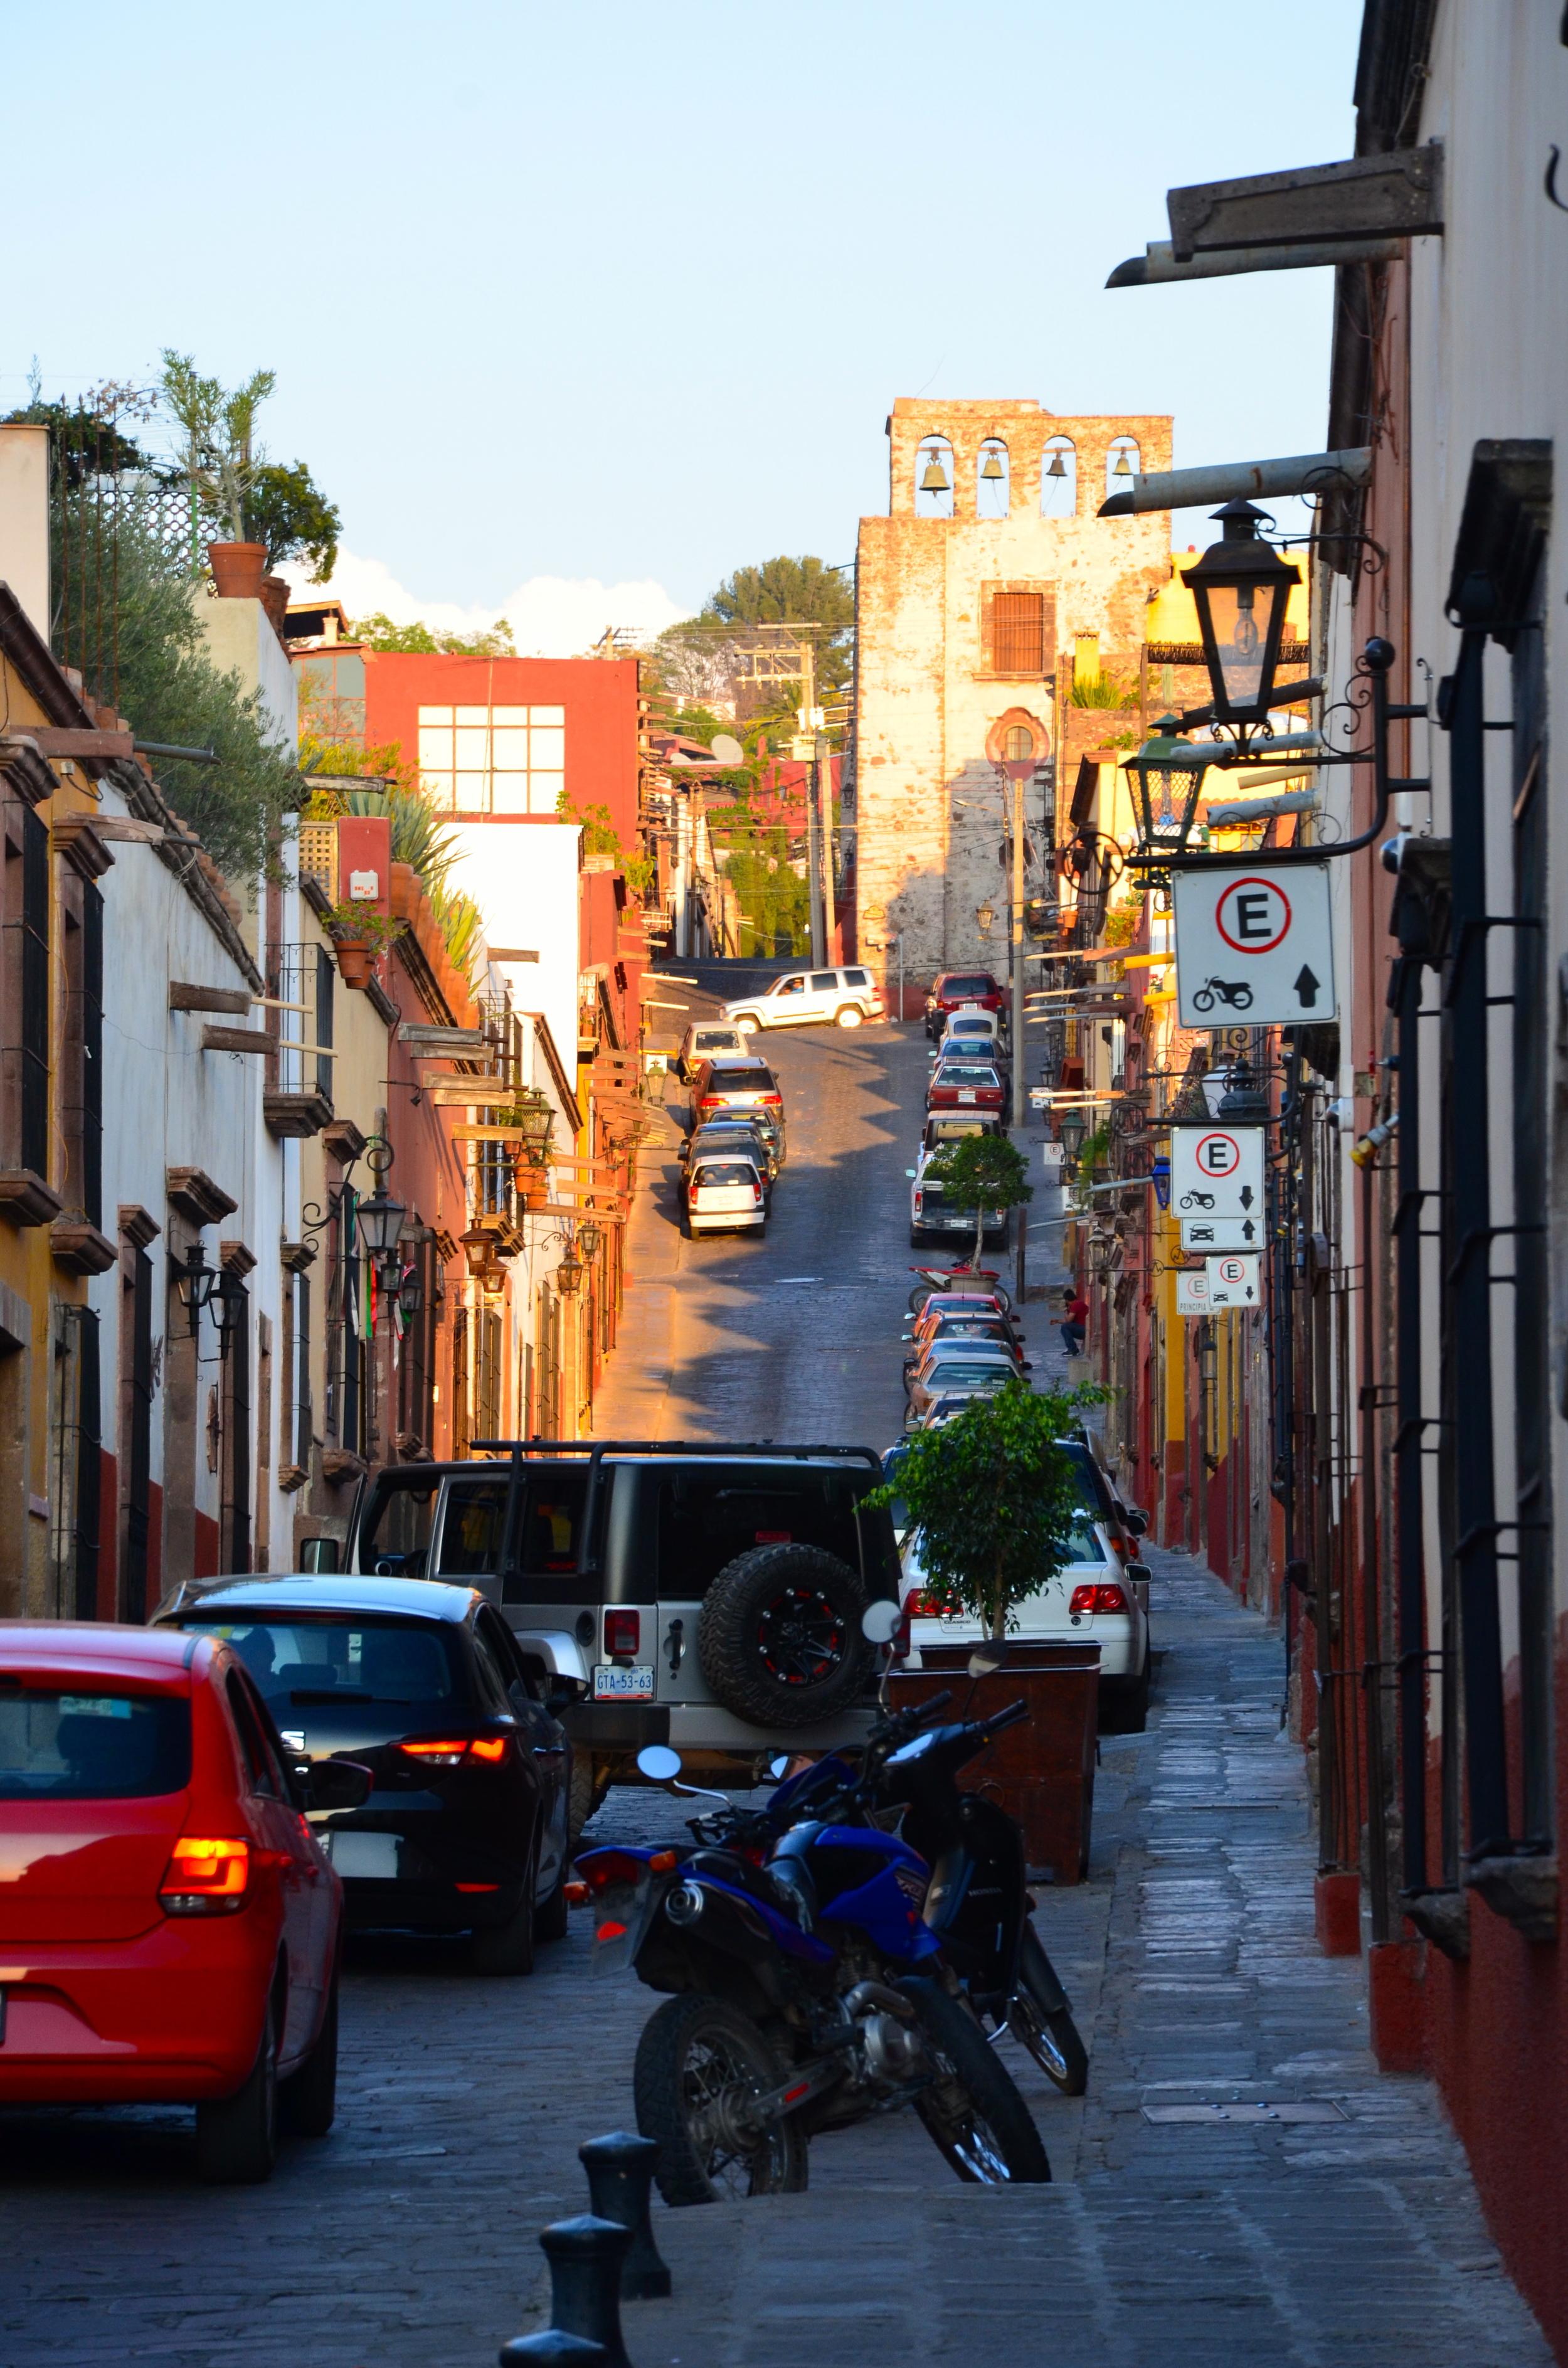 The streets of San Miguel de Allende